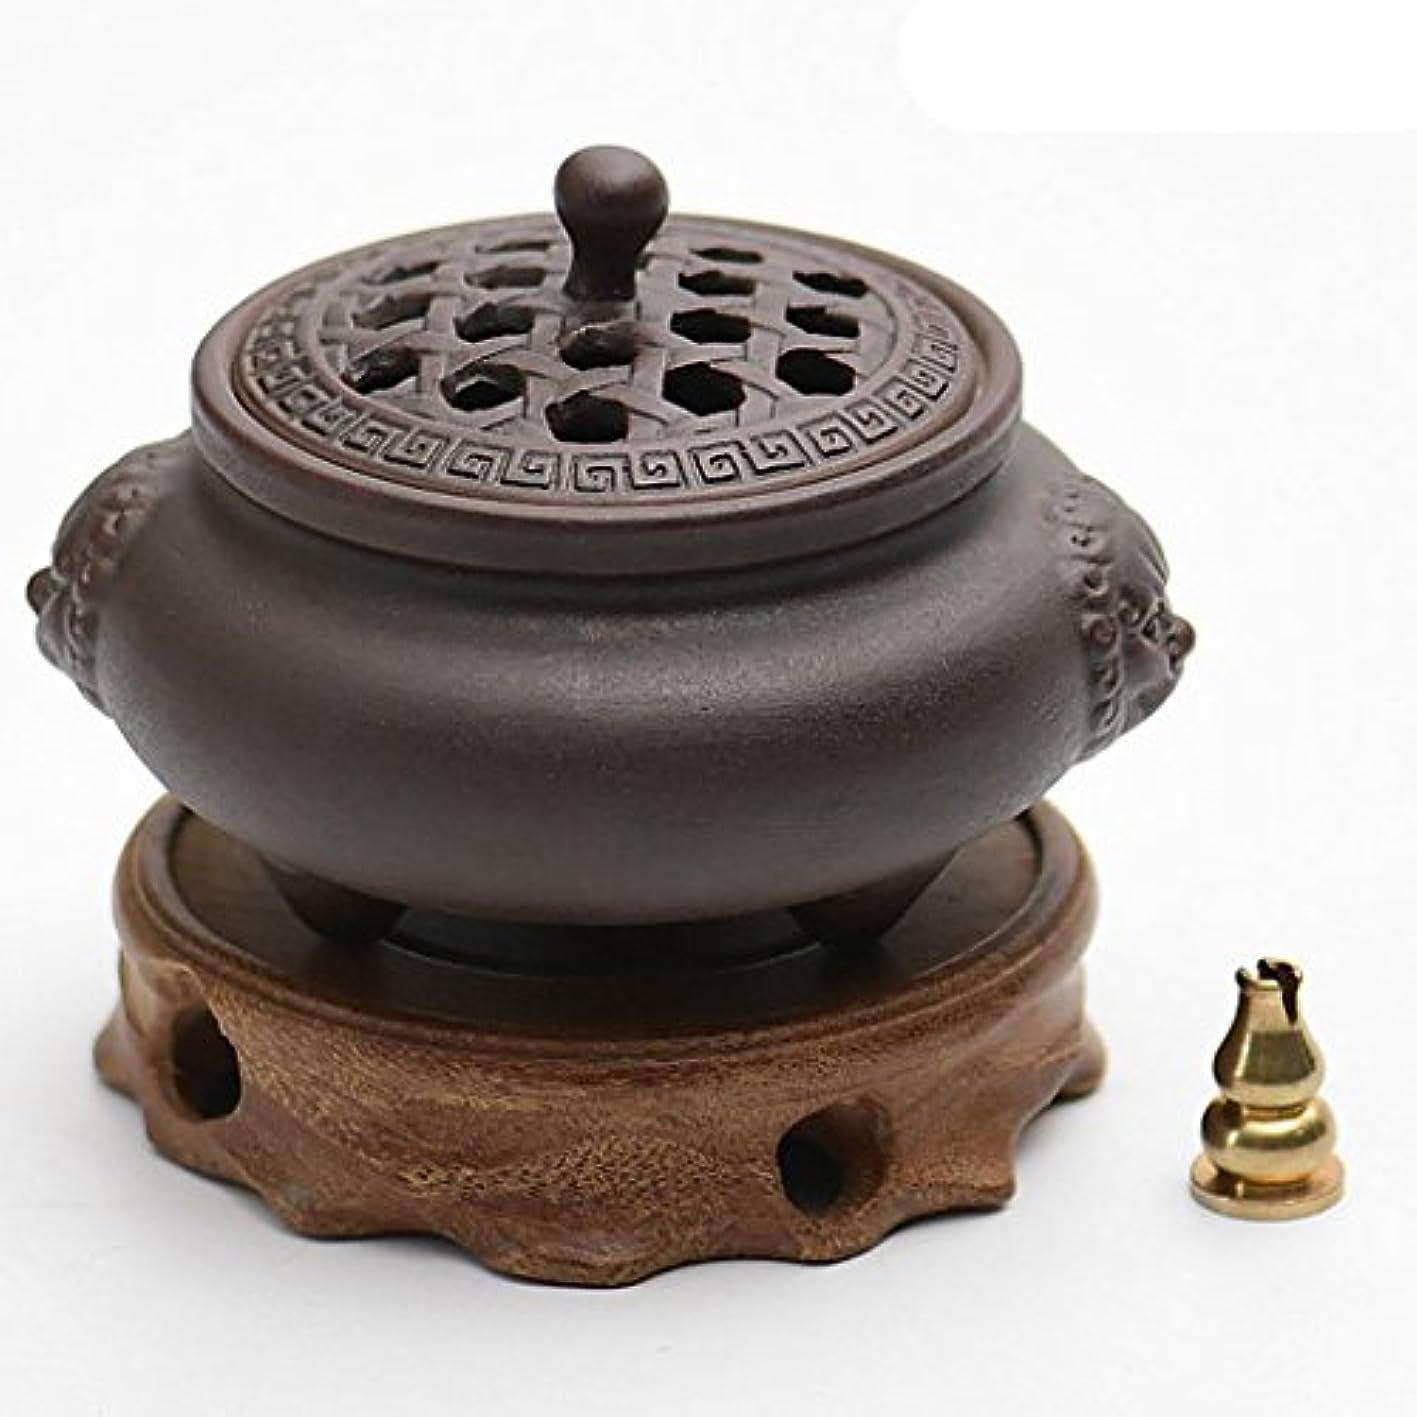 勤勉な会計士分類する(ラシューバー) Lasuiveur 香炉 線香立て 香立て 職人さんの手作り 茶道用品 おしゃれ  木製 透かし彫り